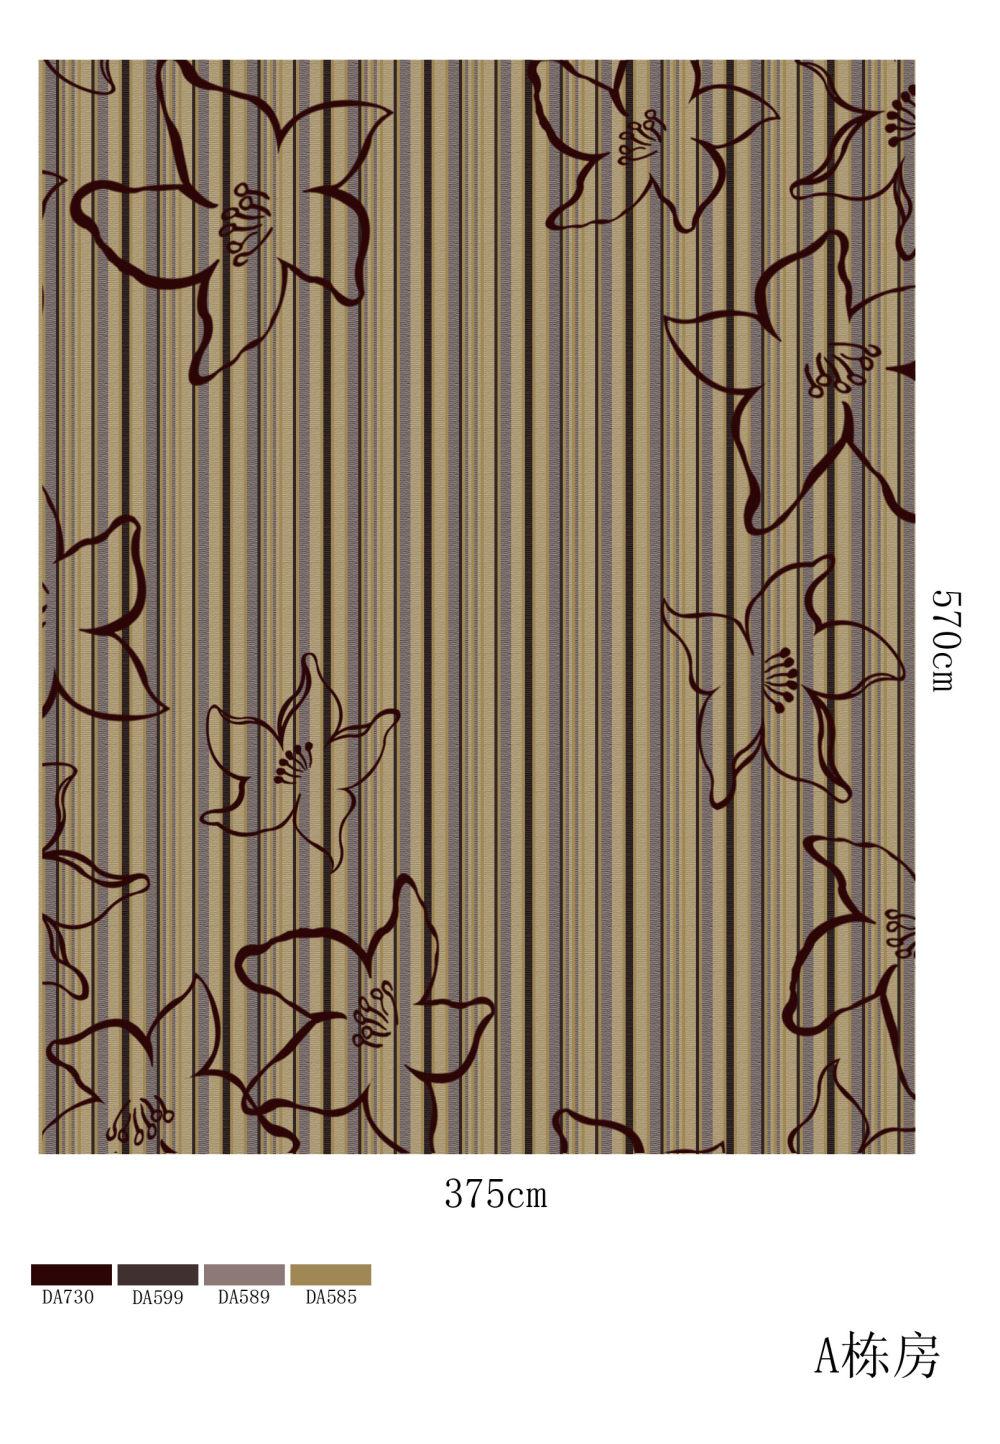 郑中(CCD)--专用地毯高清大图161P_A栋房效果图.jpg